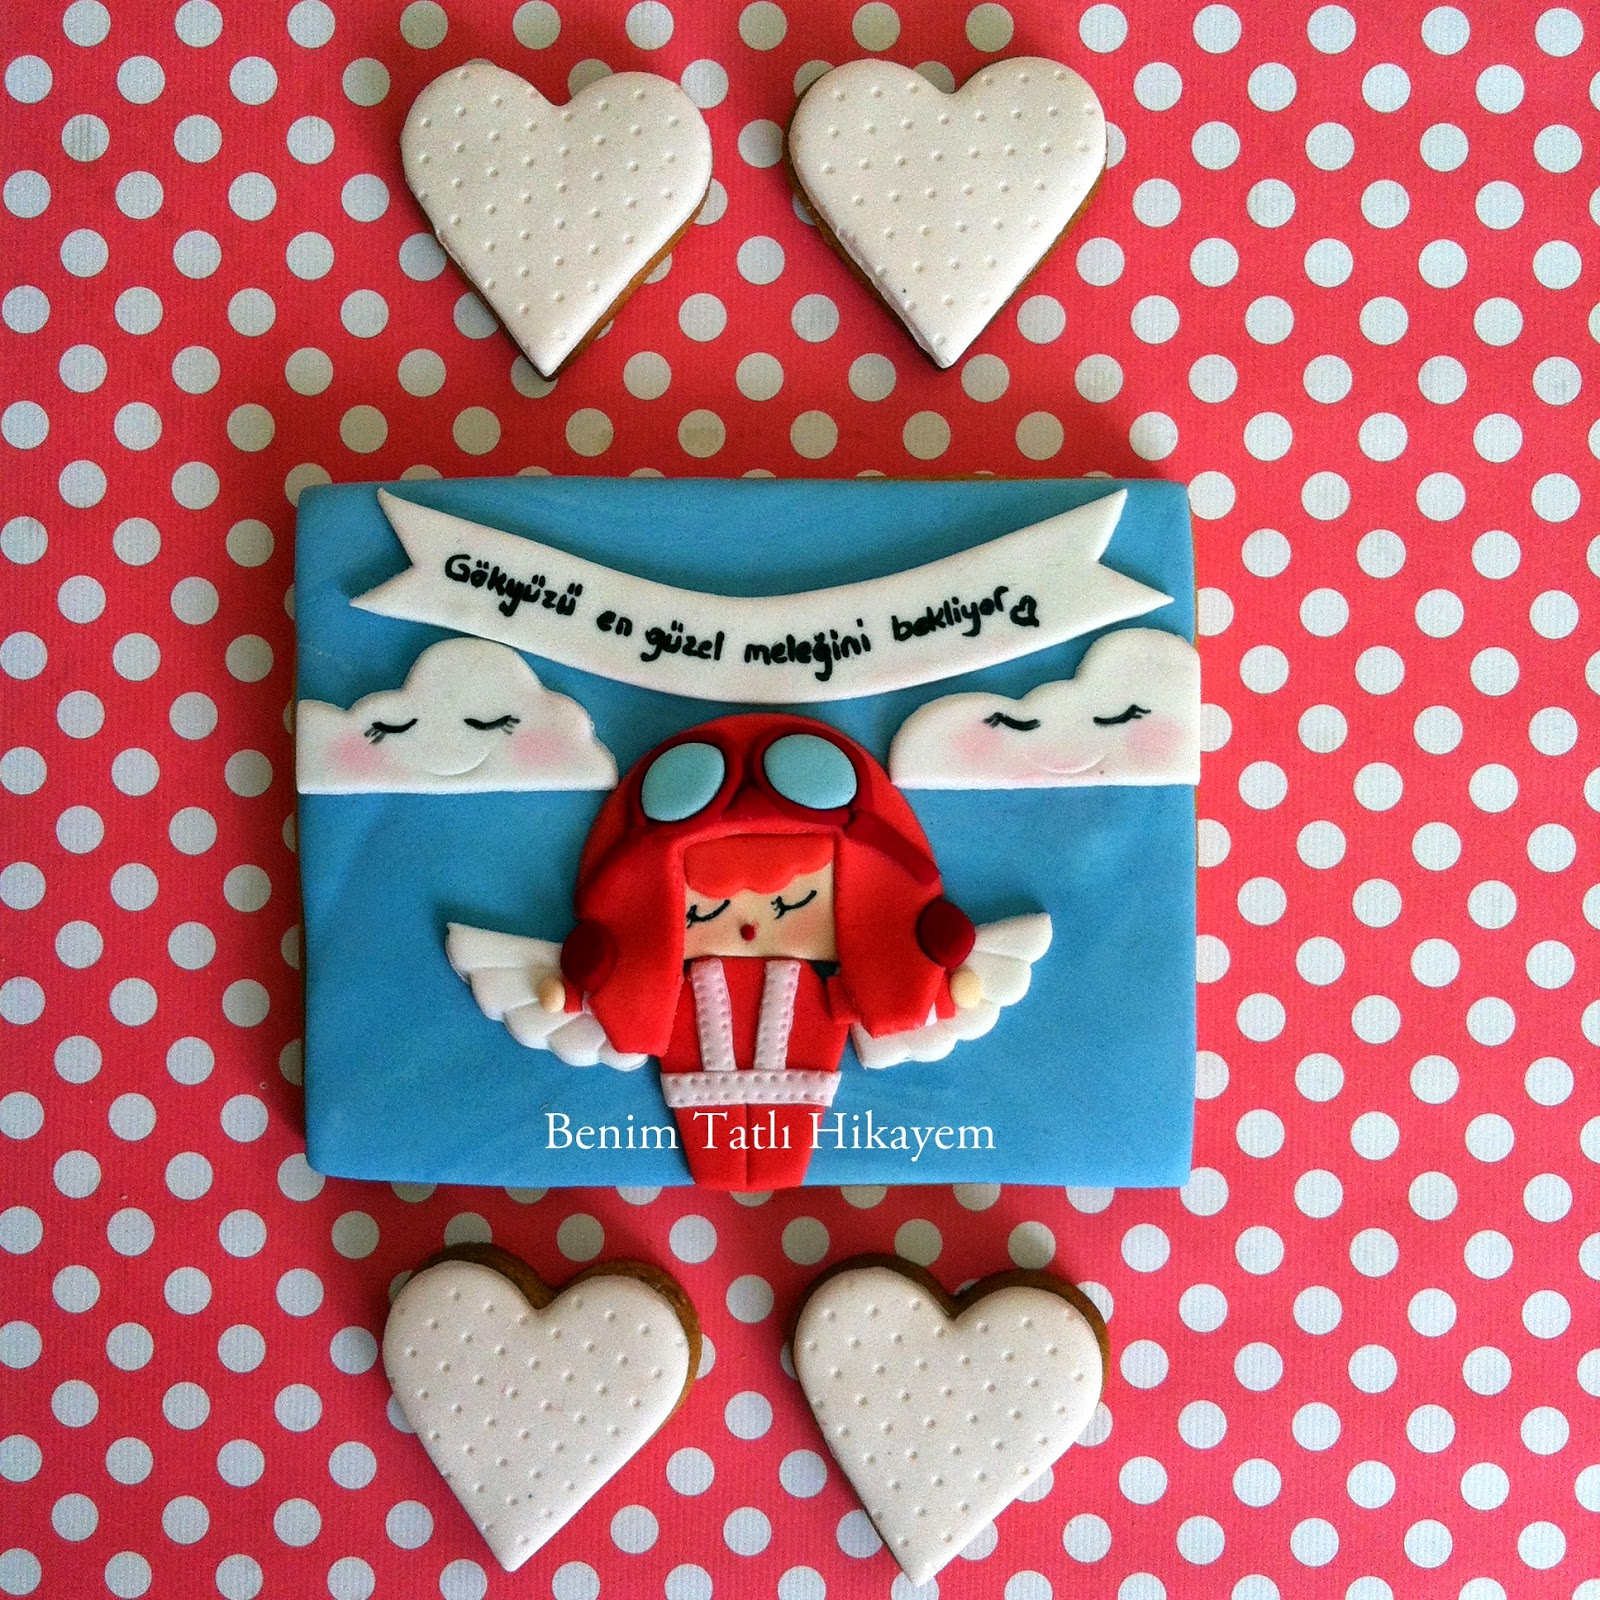 aşk hikayesi, momiji, pilot kurabiyesi